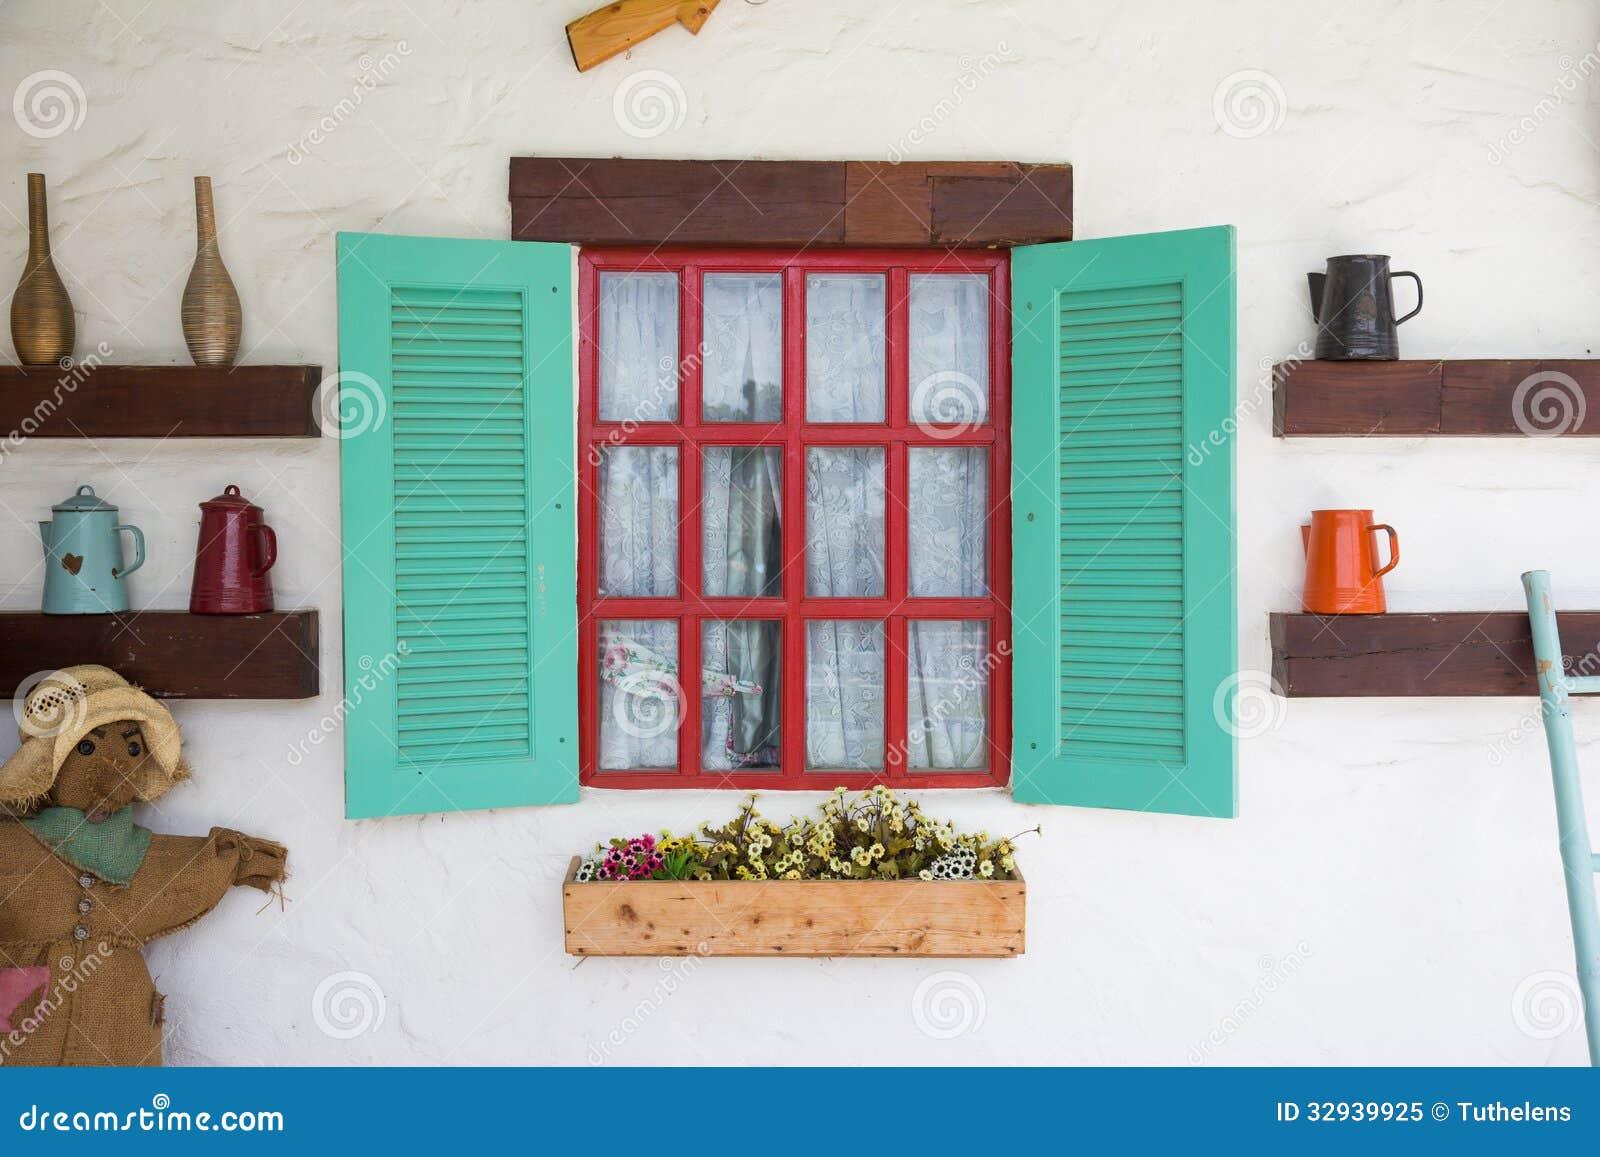 buntes fenster mit dekoration im landhausstil lizenzfreies stockfoto bild 32939925. Black Bedroom Furniture Sets. Home Design Ideas